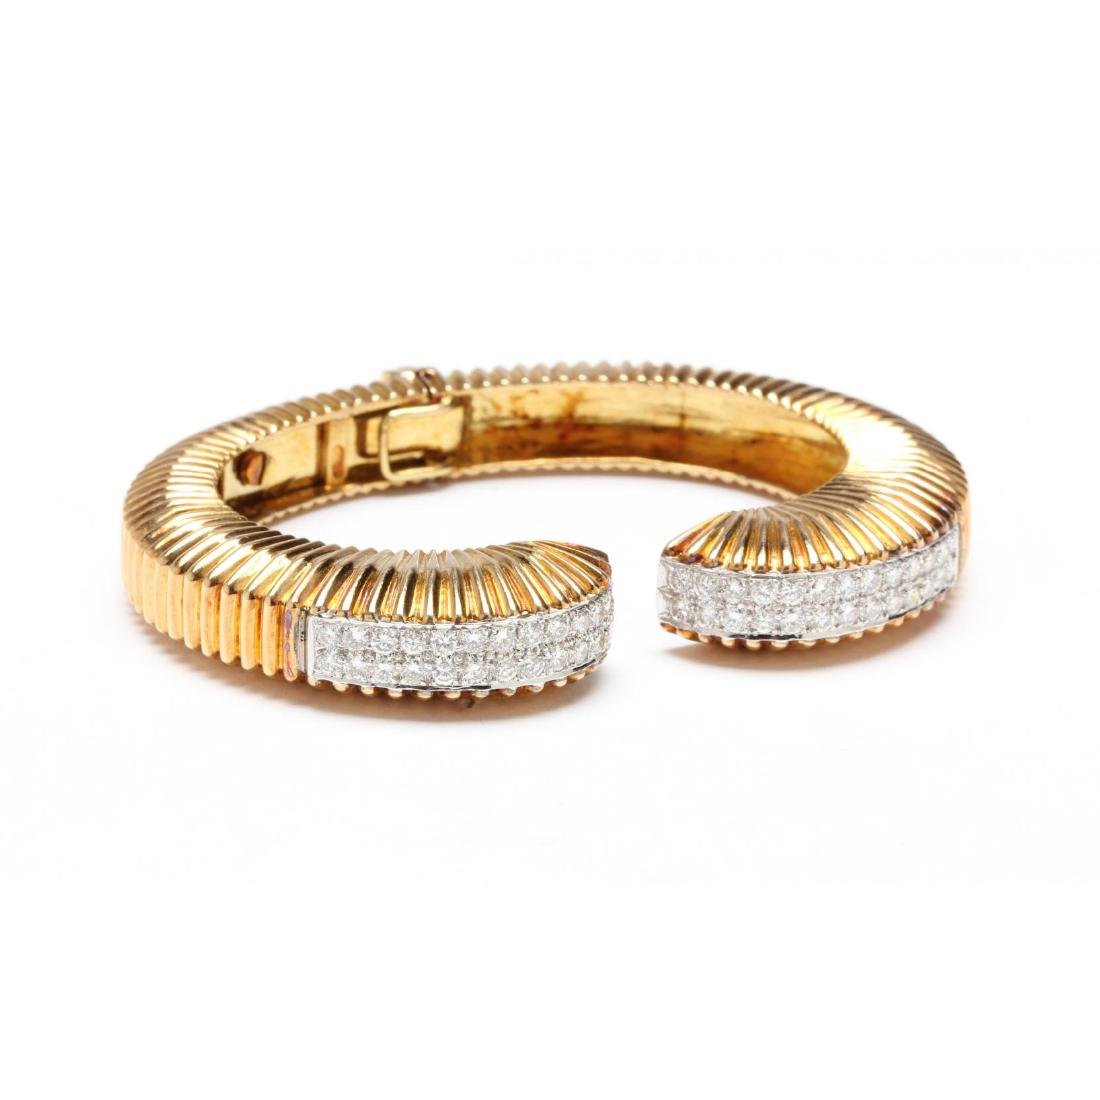 18KT Gold and Diamond Bracelet